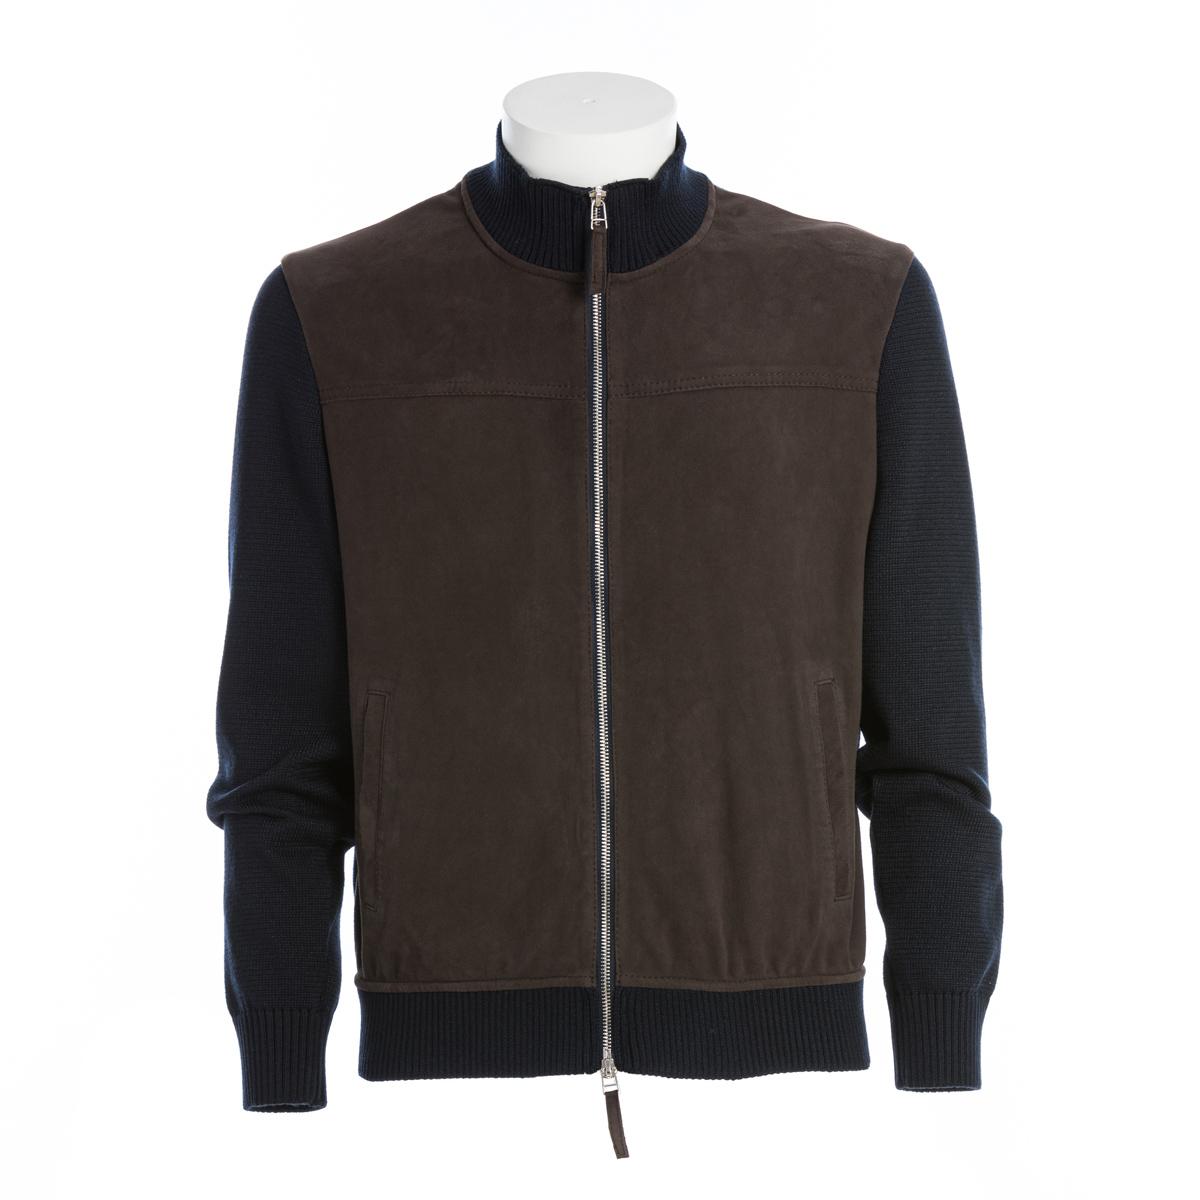 Giubbotto Bi-Materiale Camoscio e Maglia The Jack Leathers